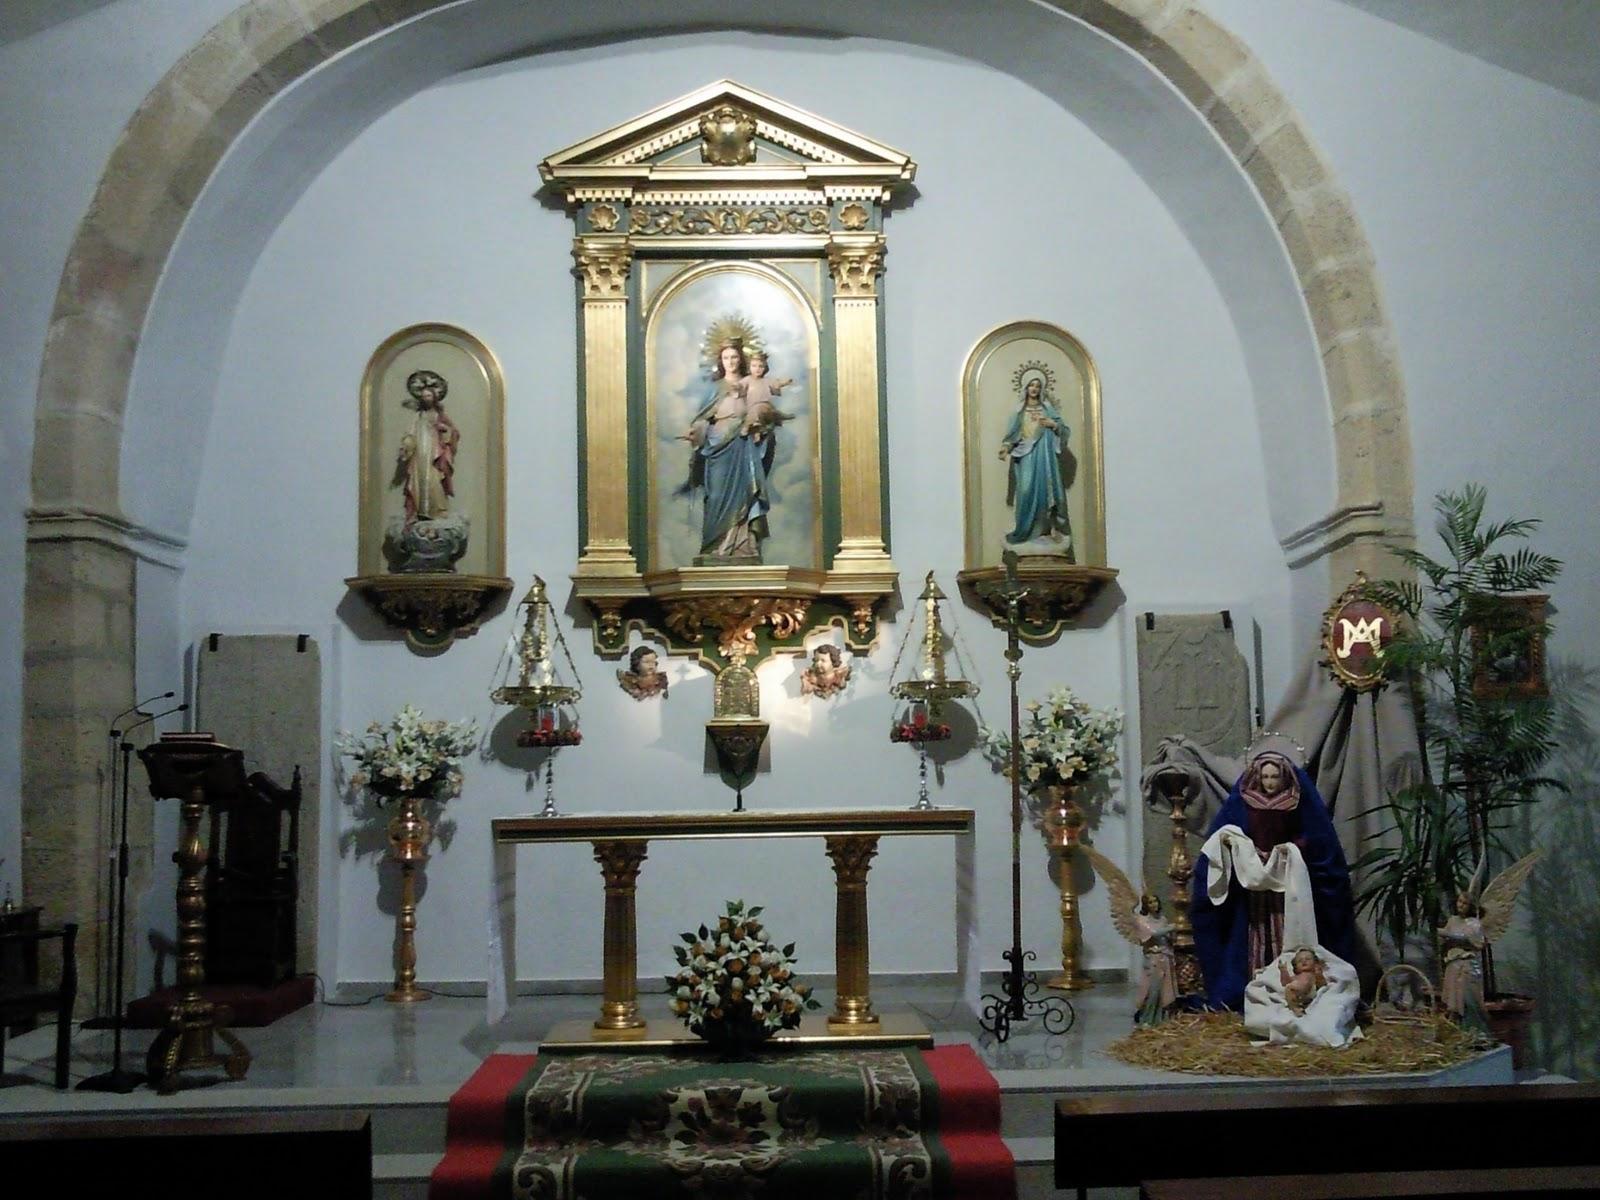 Decoracion De Altar De Virgen De Urkupi?a ~   de los angeles de rena y abajo decoraci?n del altar mayor de la misma